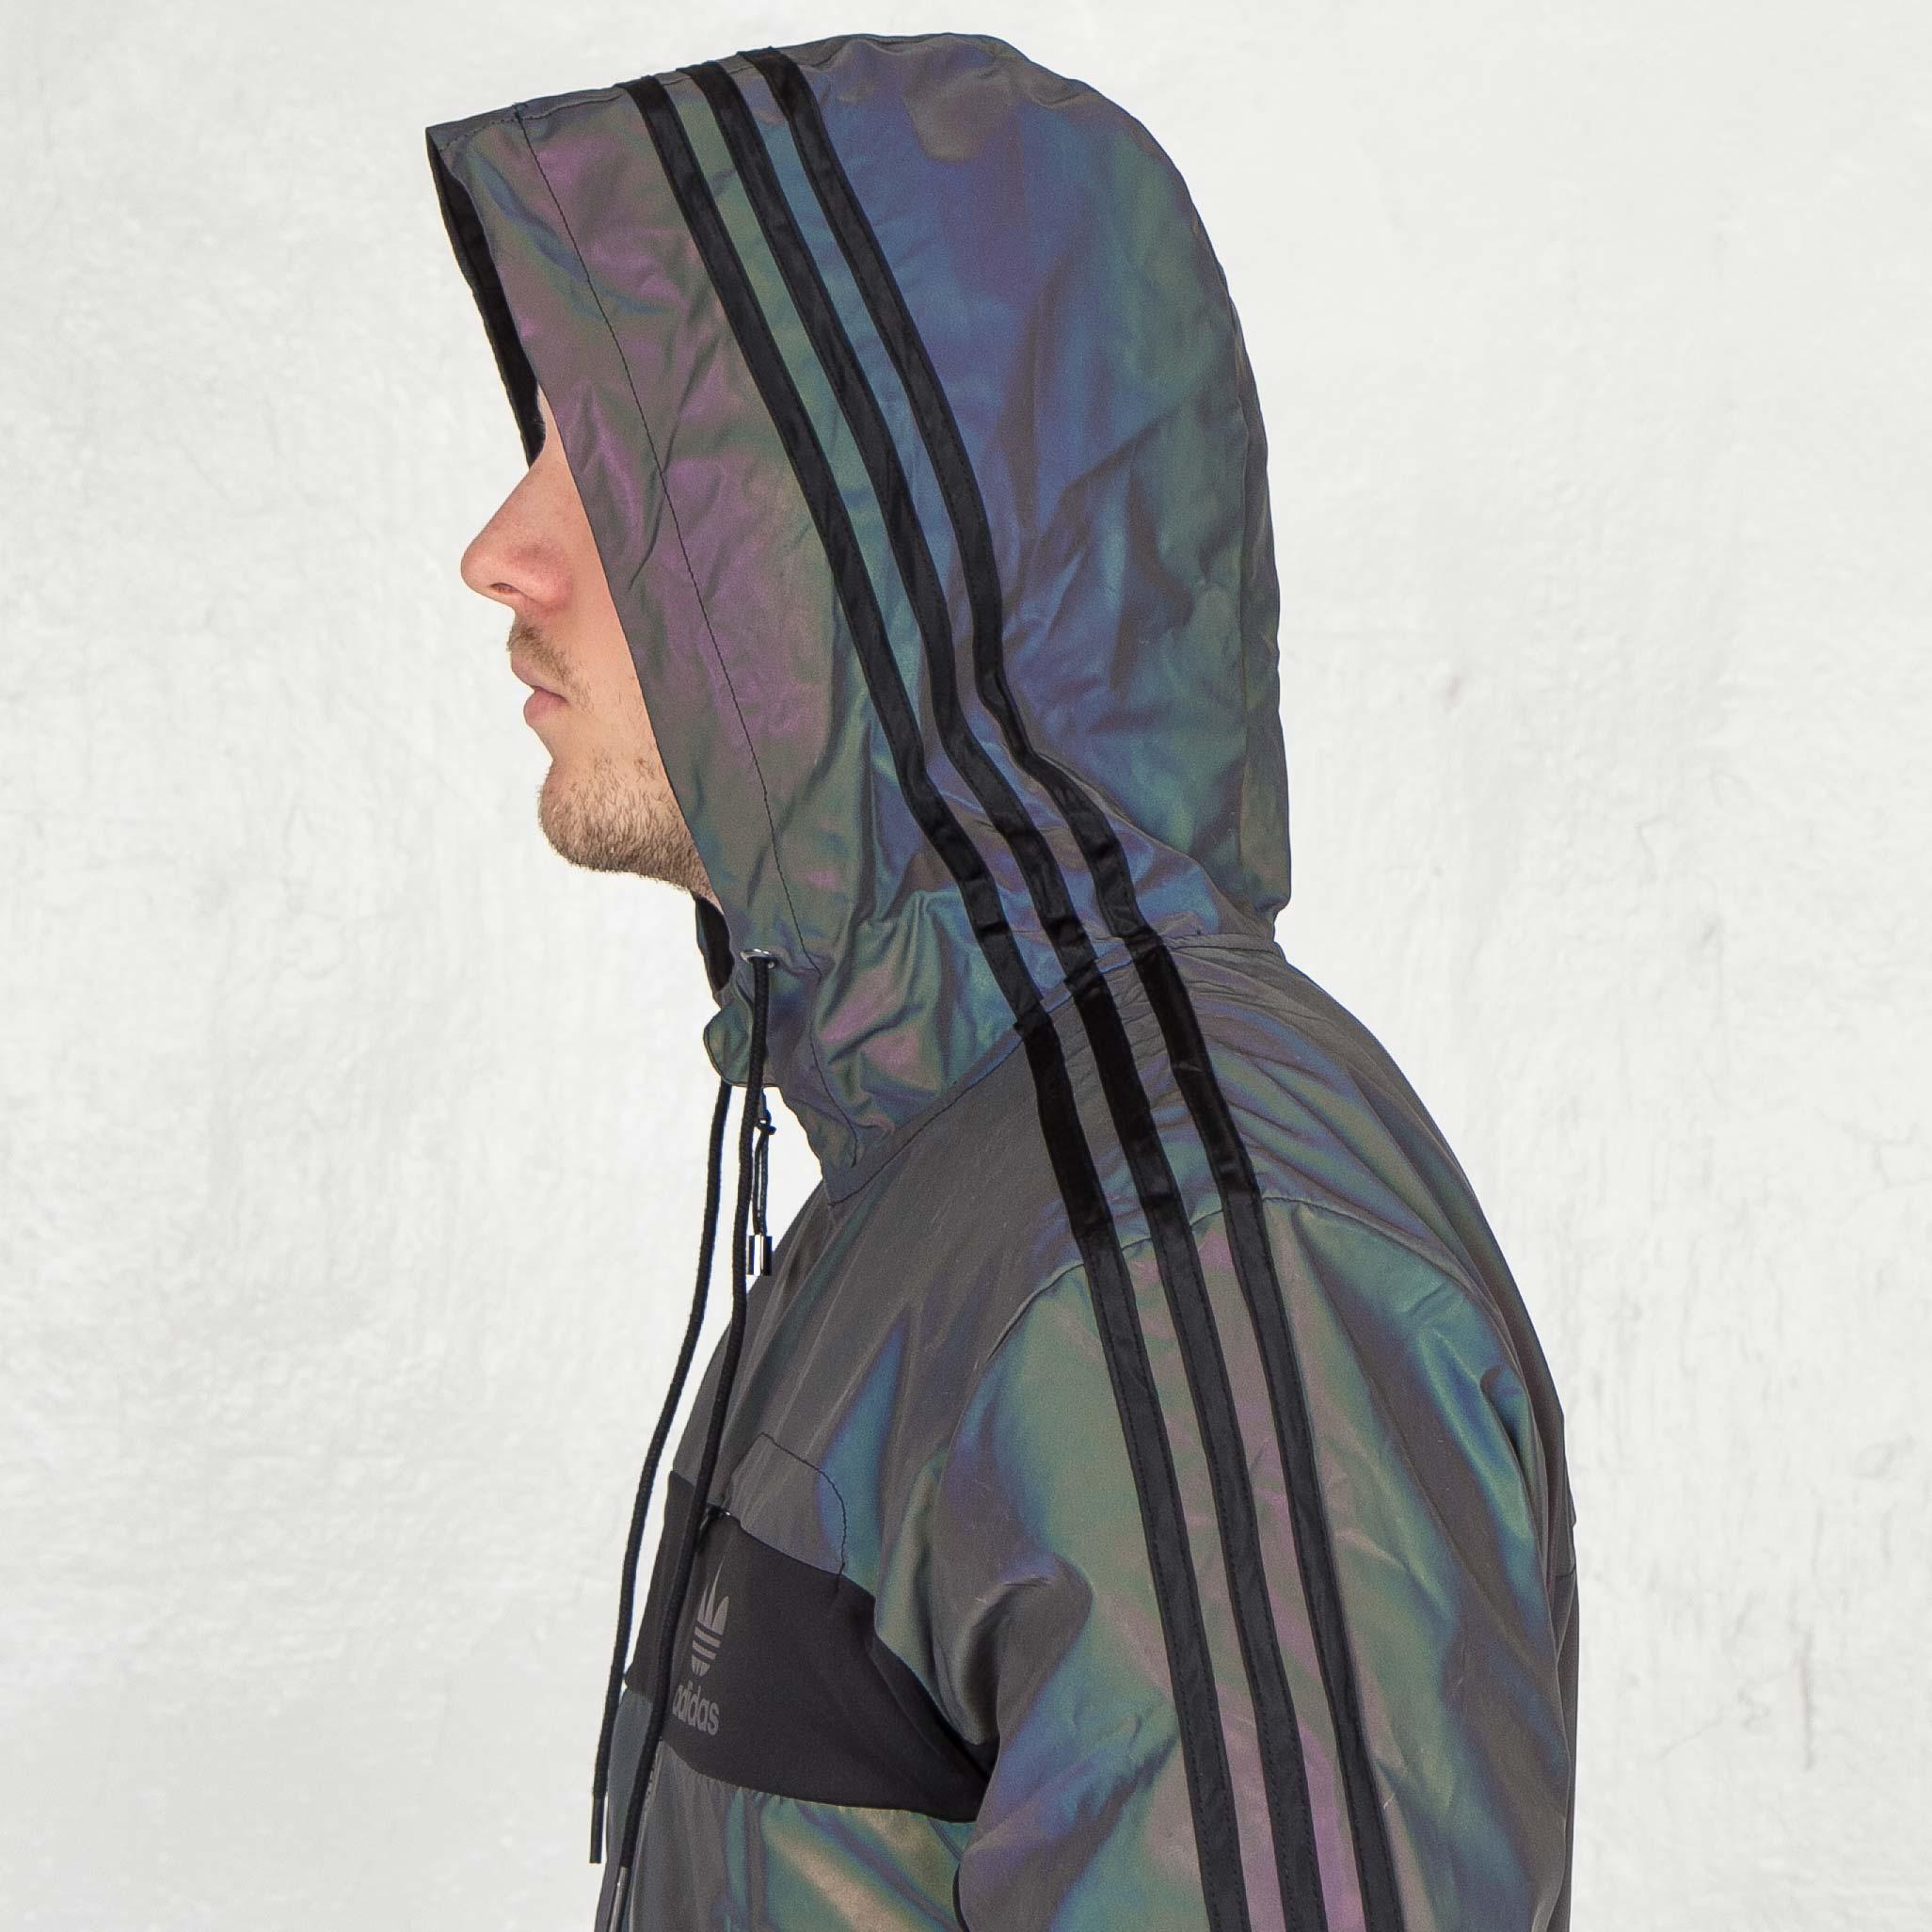 Adidas Xno Windbreaker Jacket Ap1729 Sneakersnstuff